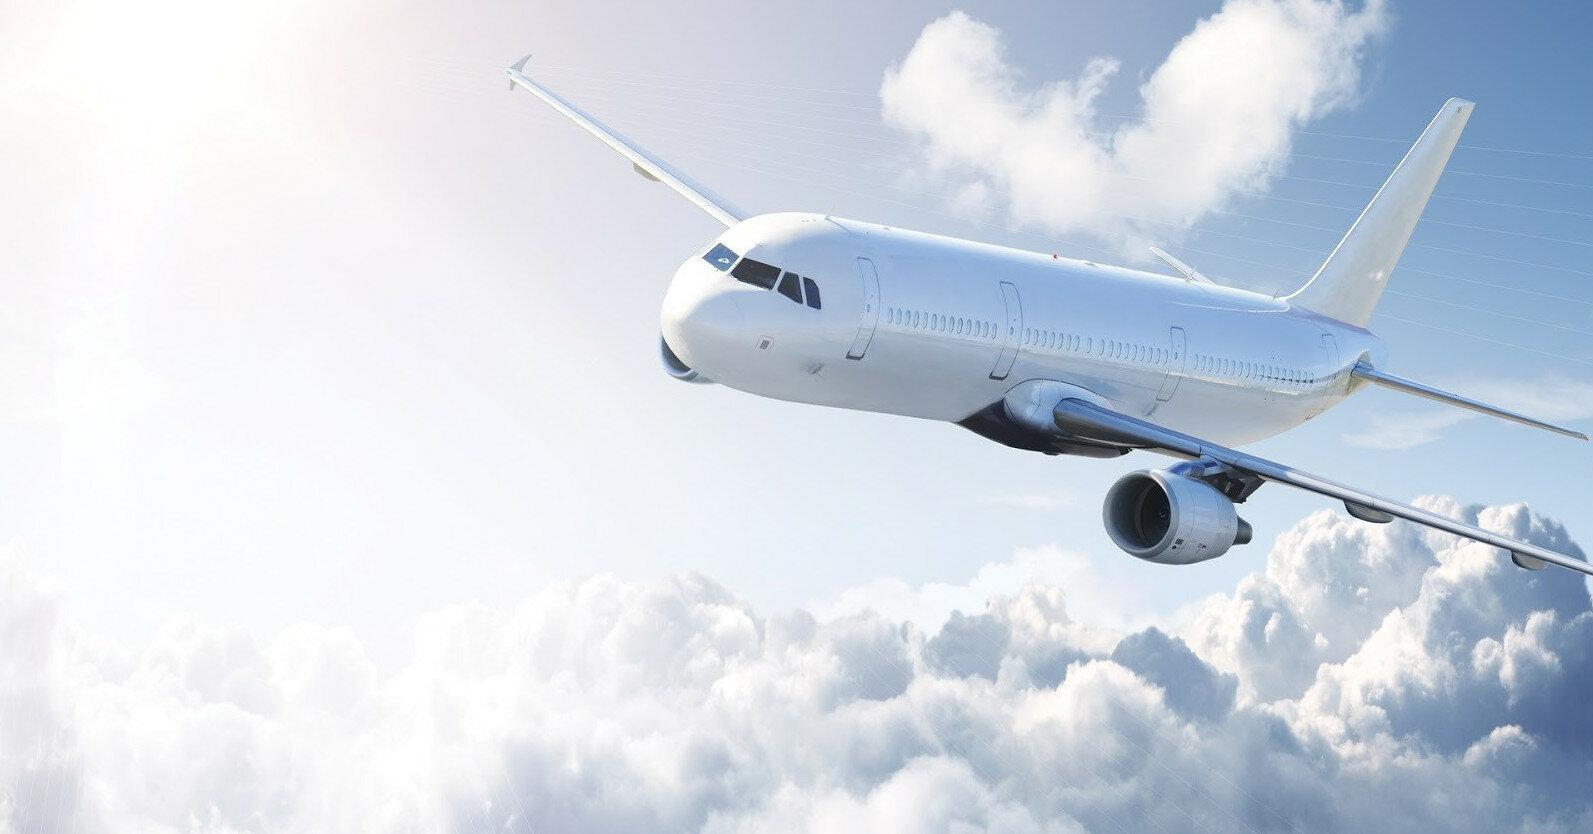 Белорусским самолетам официально запретили посадку в аэропортах ЕС